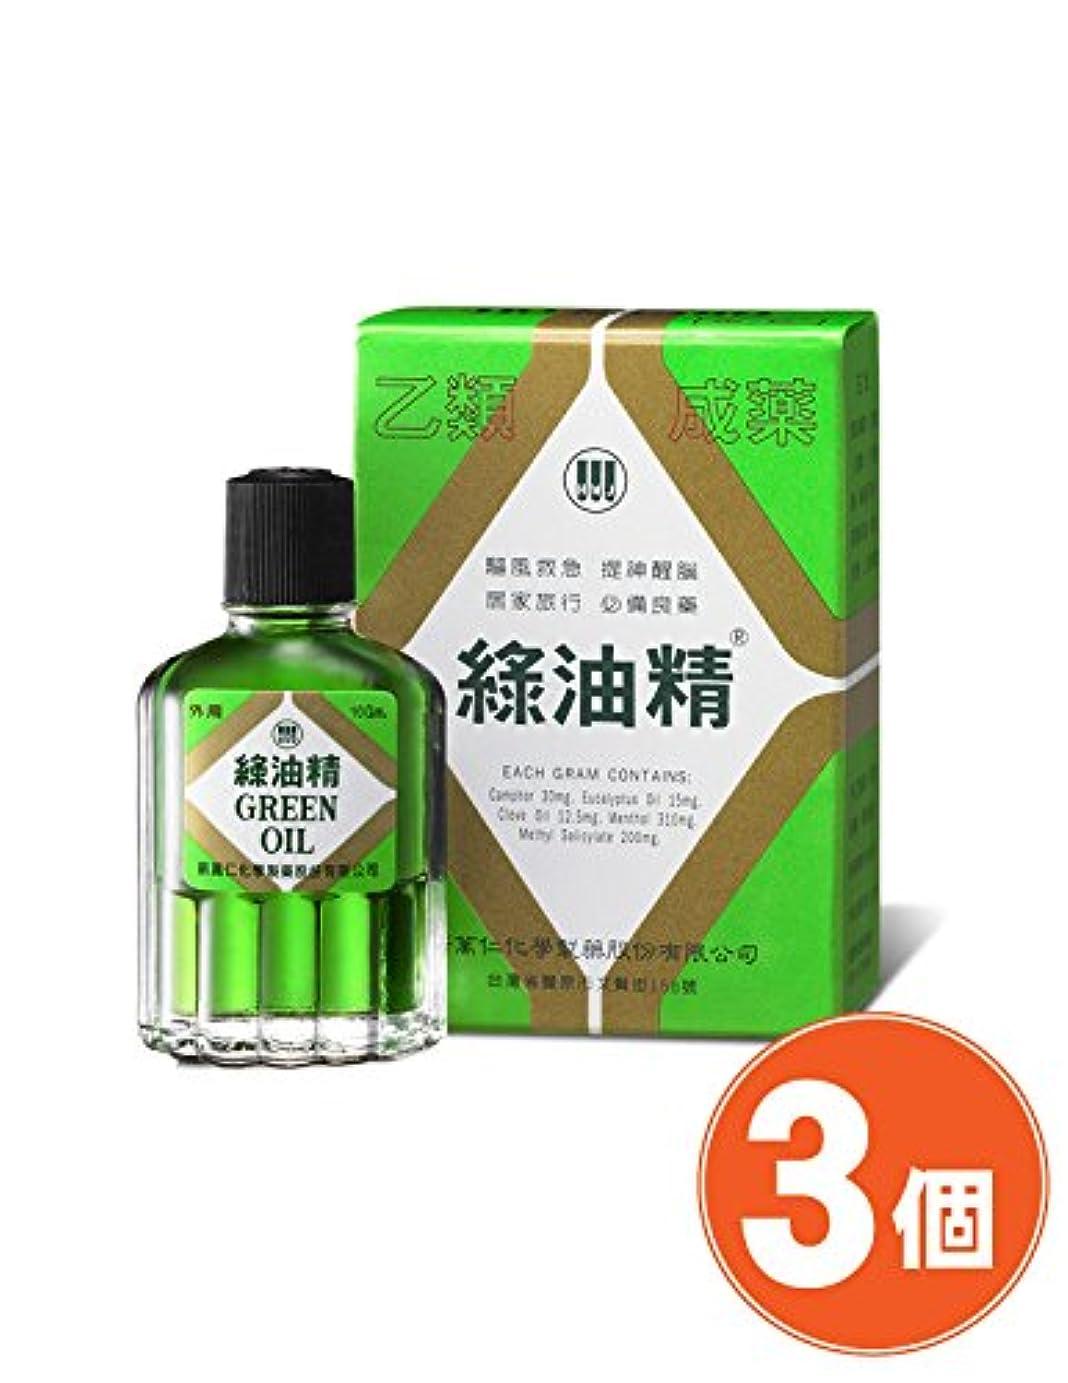 何か事故《新萬仁》台湾の万能グリーンオイル 緑油精 10g ×3個 《台湾 お土産》 [並行輸入品]